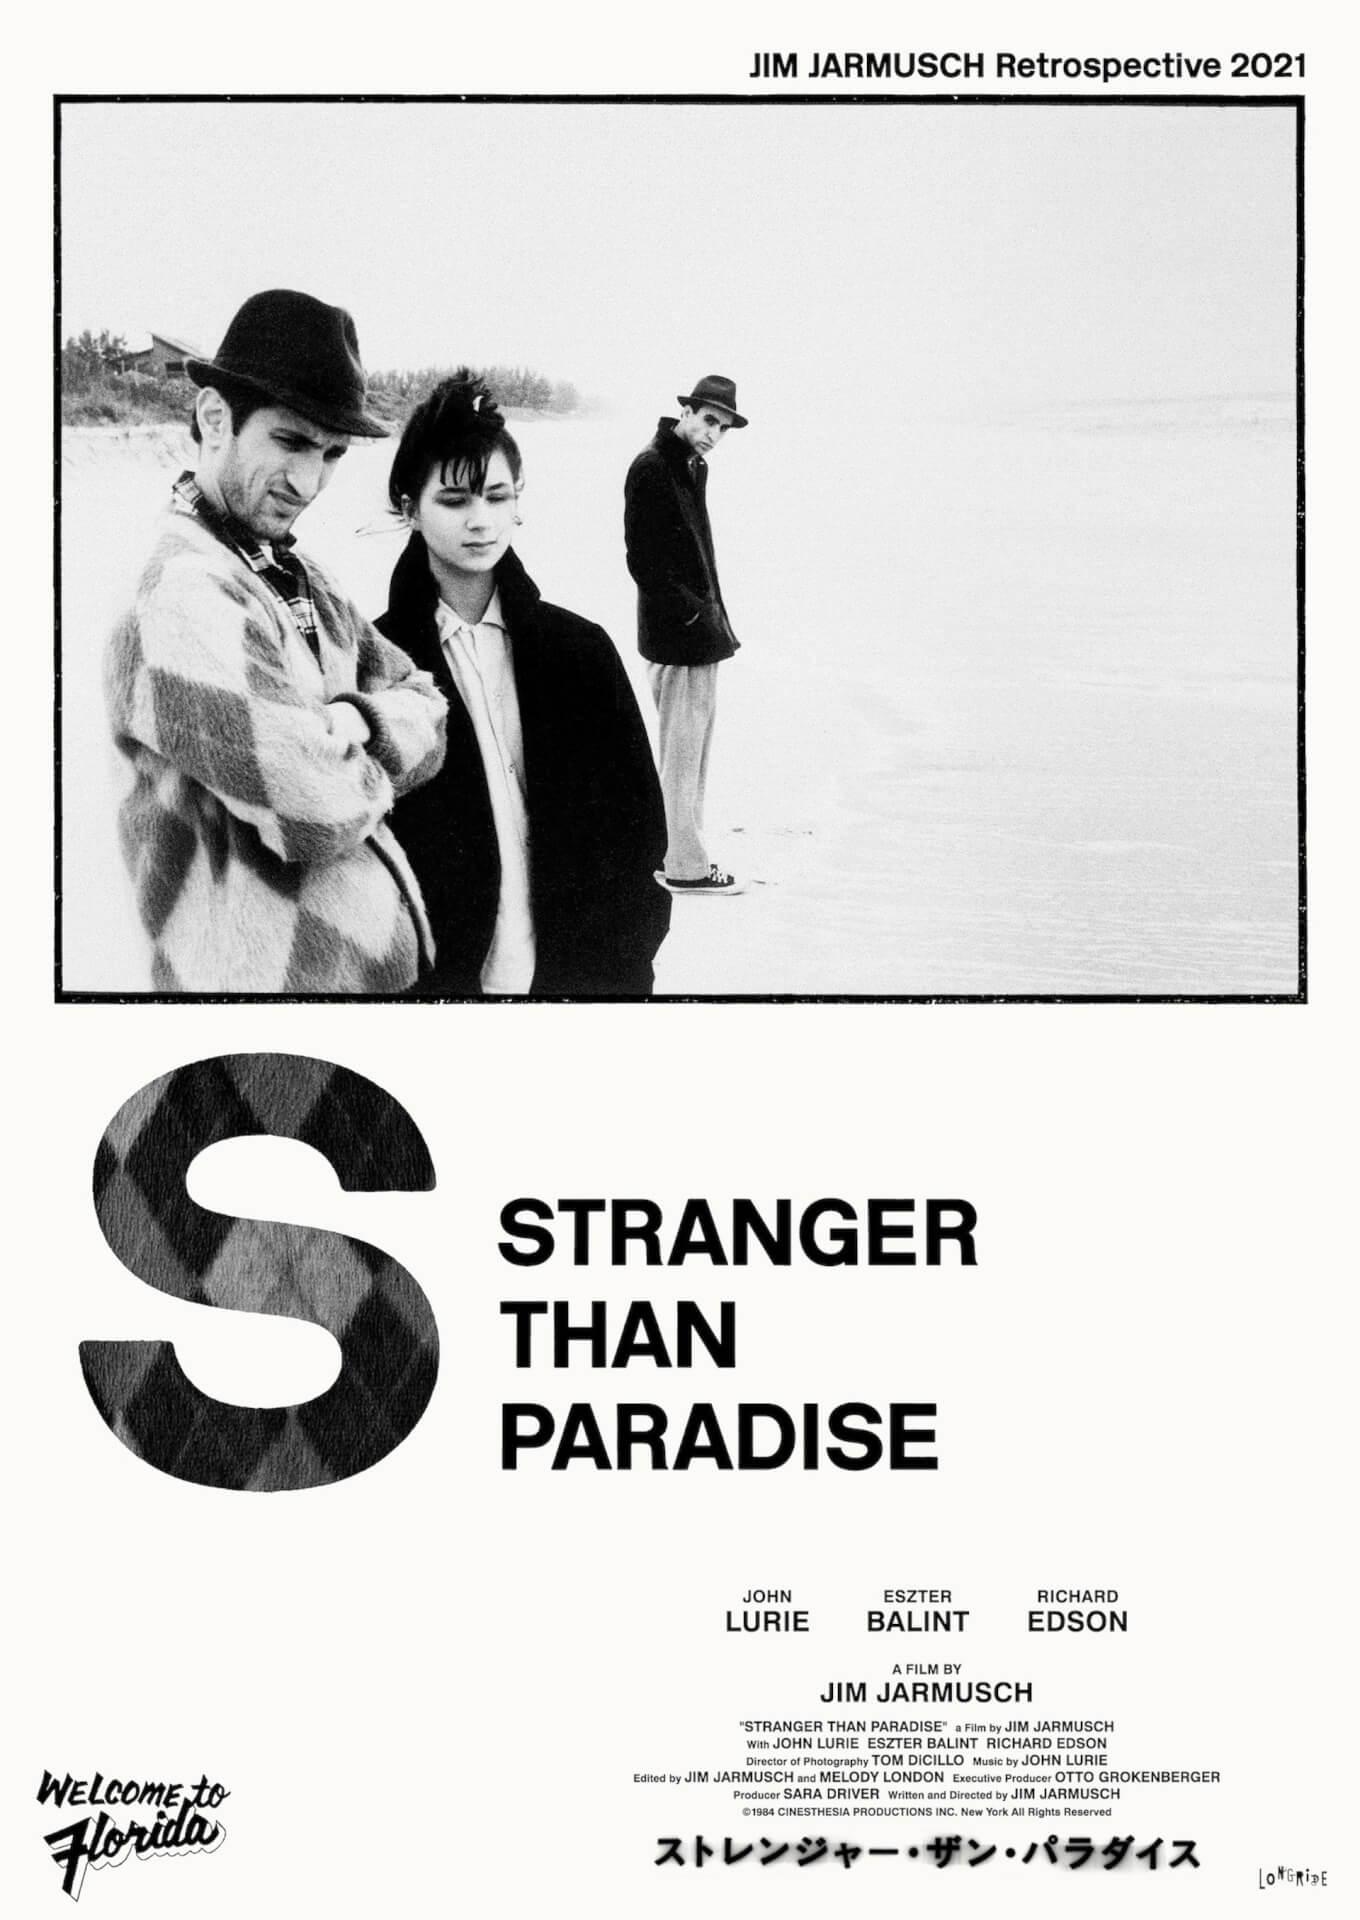 ジム・ジャームッシュの名作が続々上映!『ストレンジャー・ザン・パラダイス』など全12作品のポスター&チラシビジュアルが新たに制作&配布決定 film210611_jimjarmusch_25